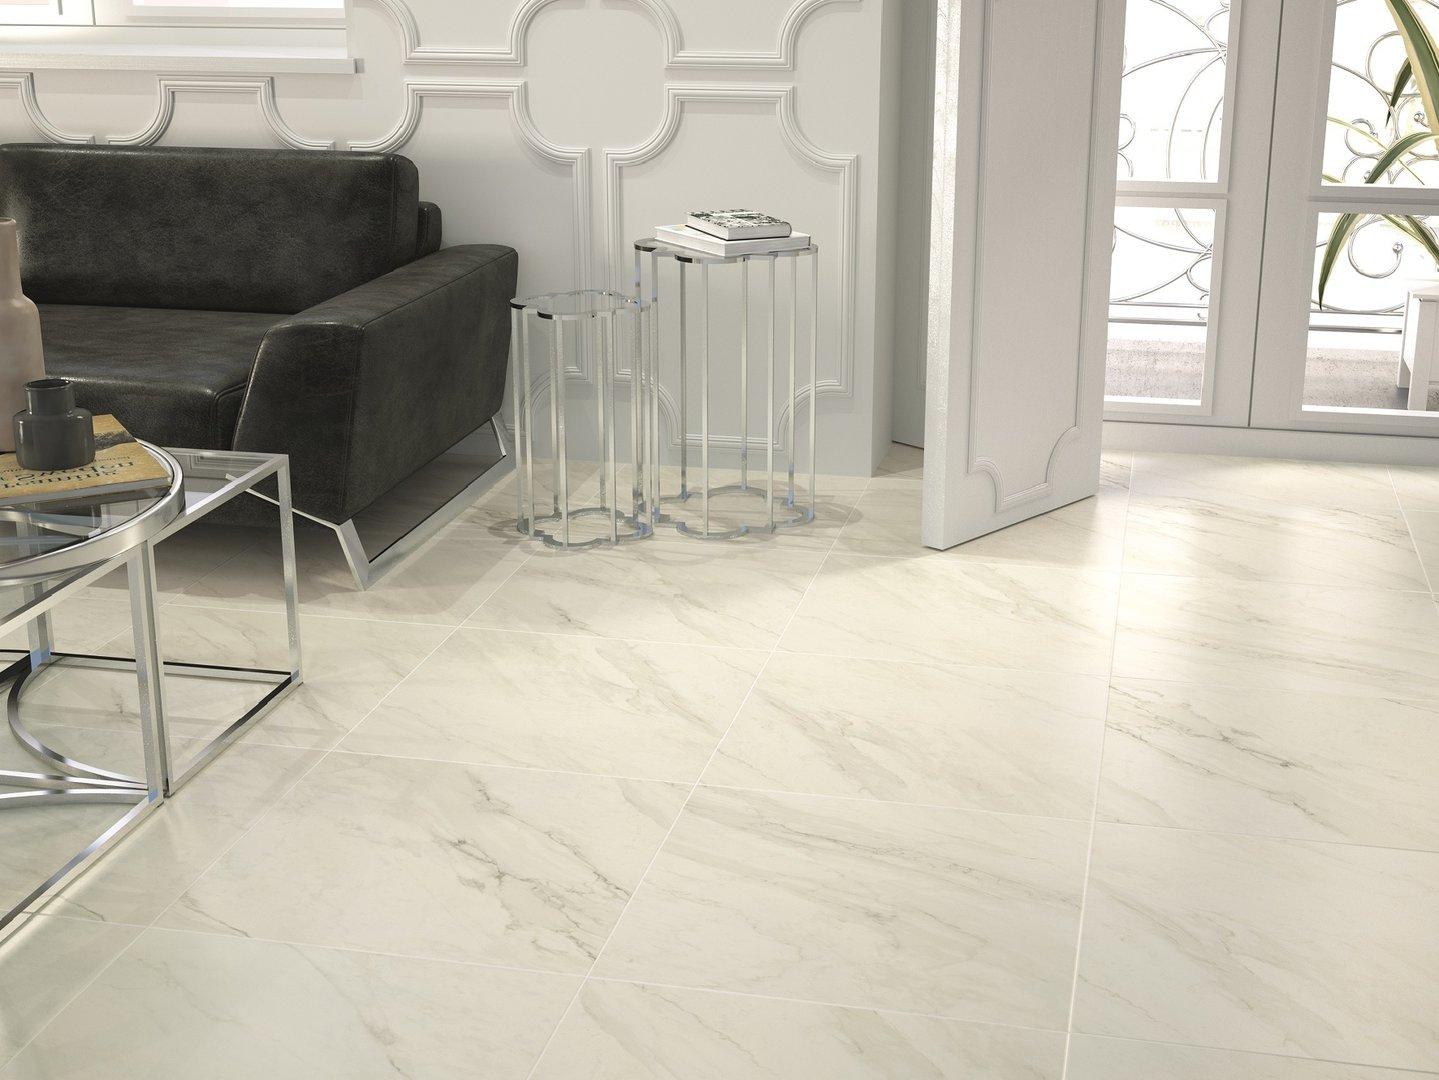 bodenfliese sytebo trivor bianco 60x60 cm g nstig online. Black Bedroom Furniture Sets. Home Design Ideas